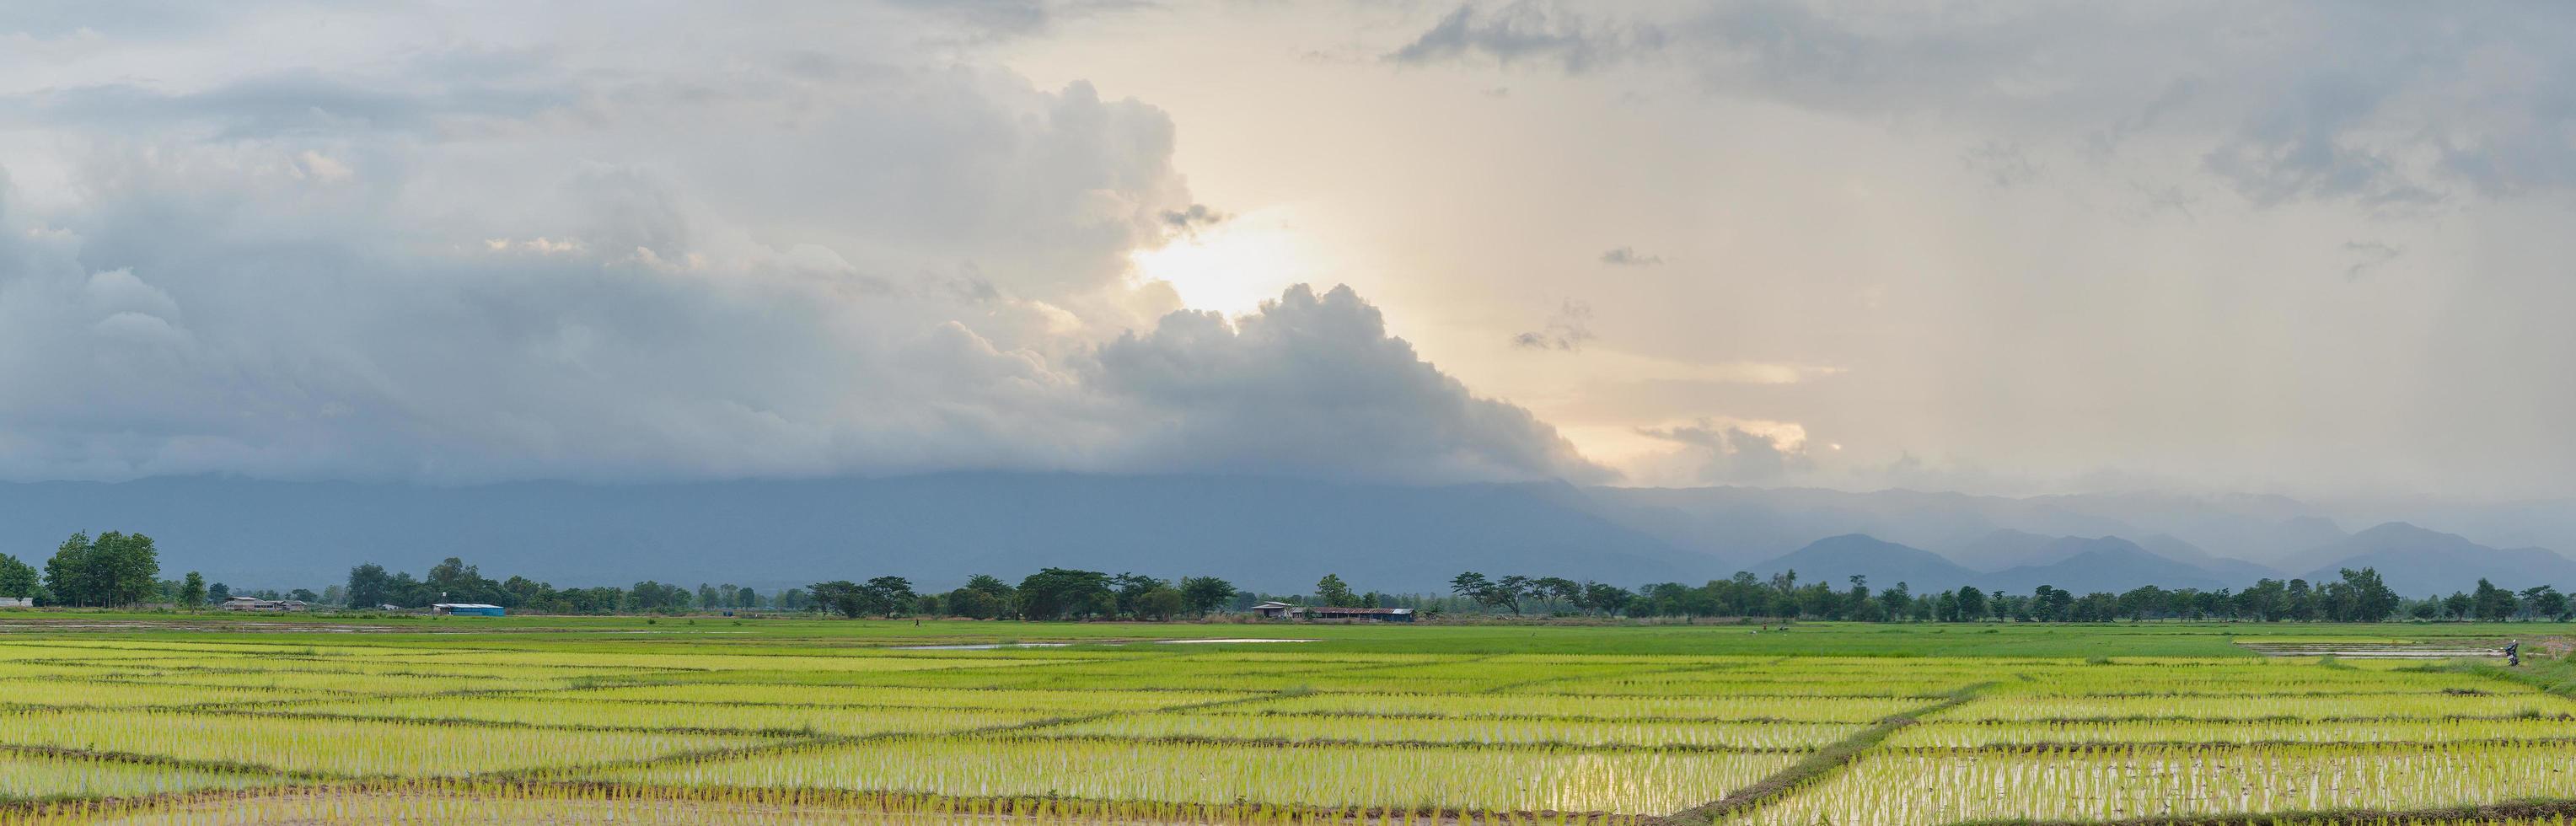 rijstveld bij zonsondergang foto